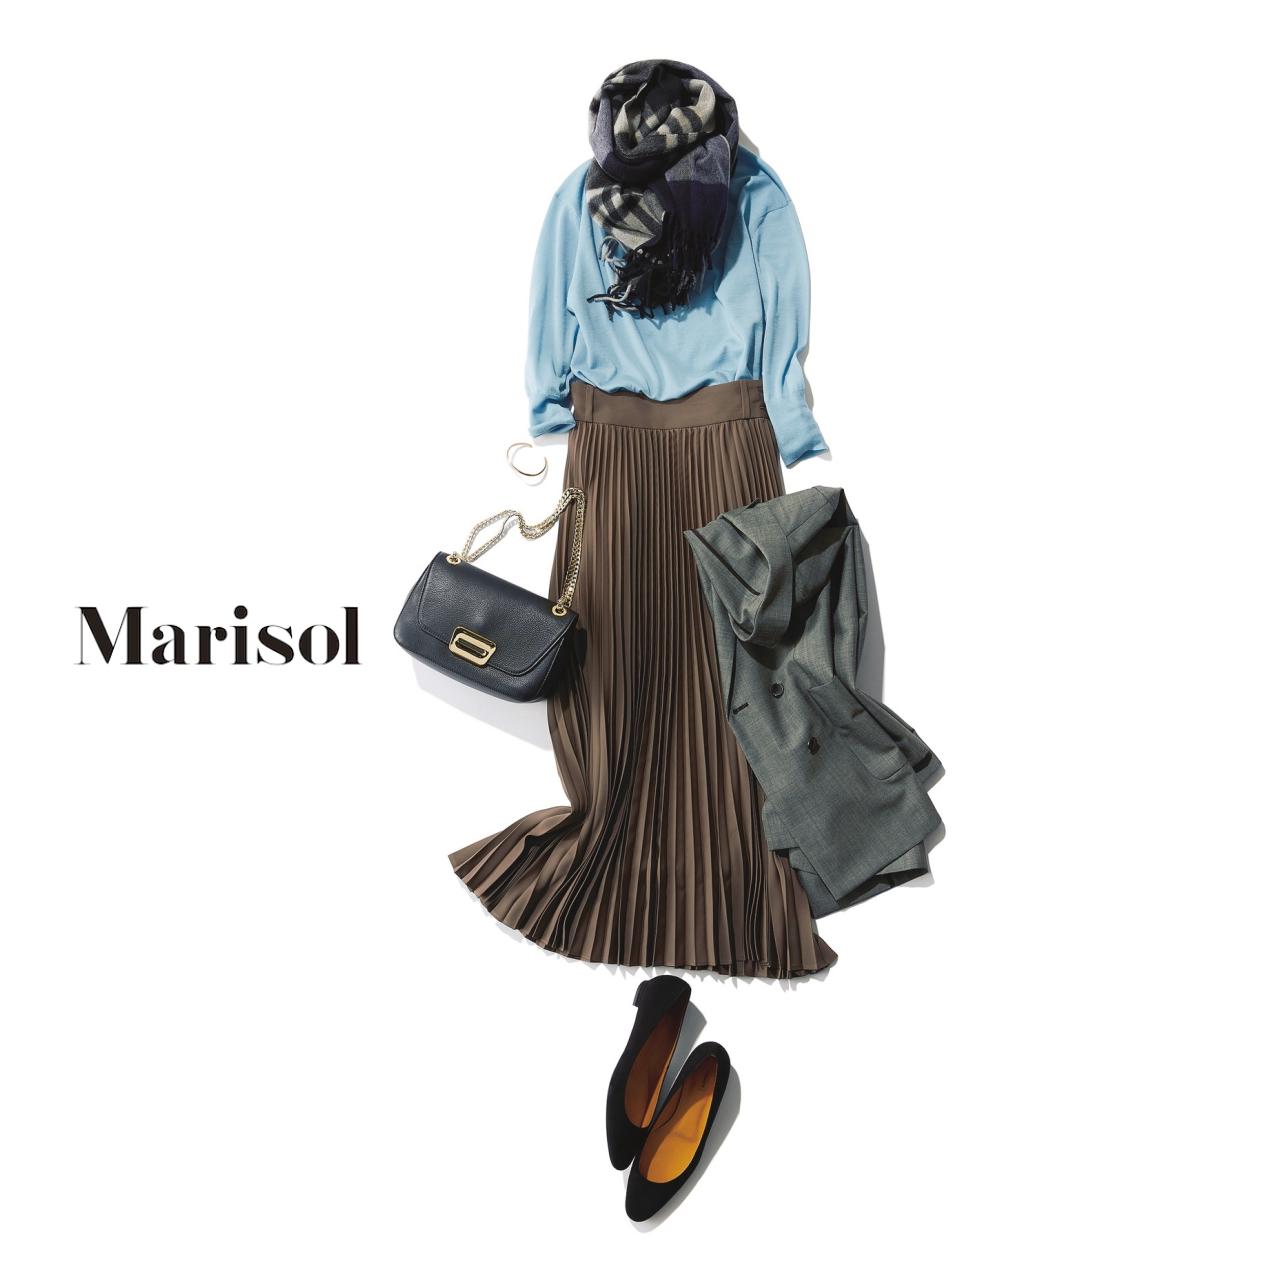 40代ファッション きれい色クルーネックニット×プリーツスカートコーデ